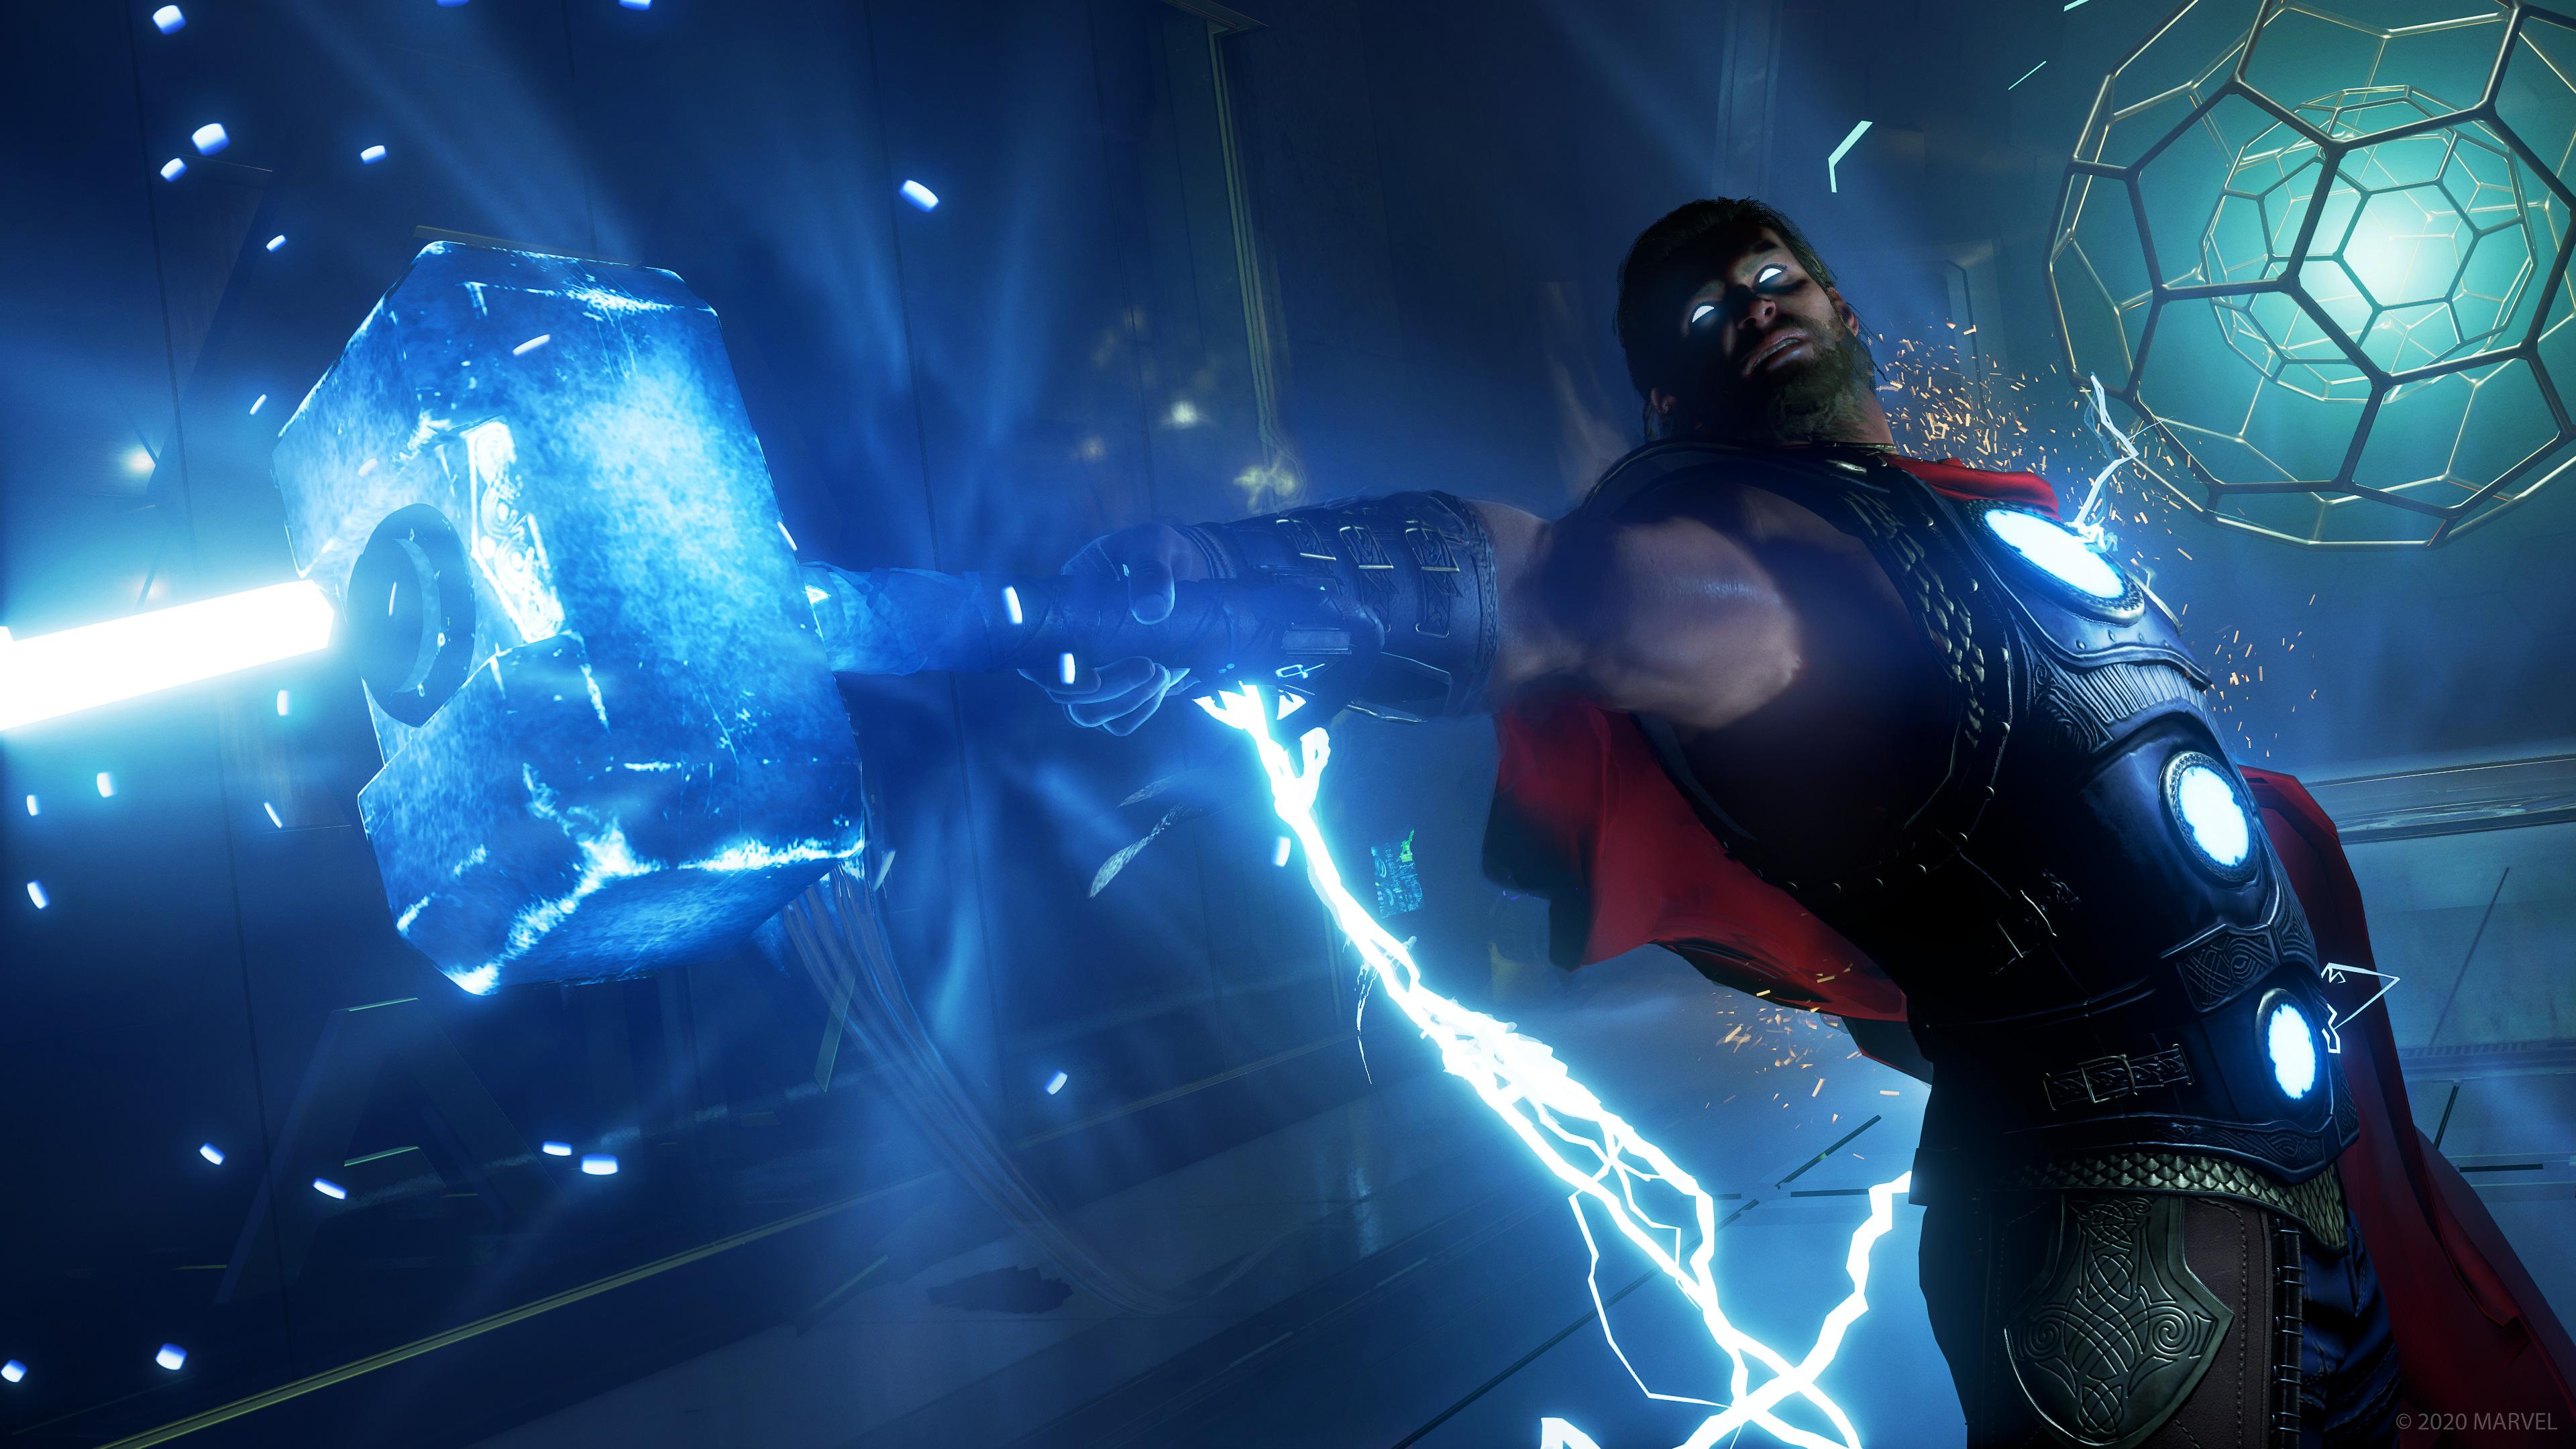 Thor holding out Mjolnir in Marvel's Avengers